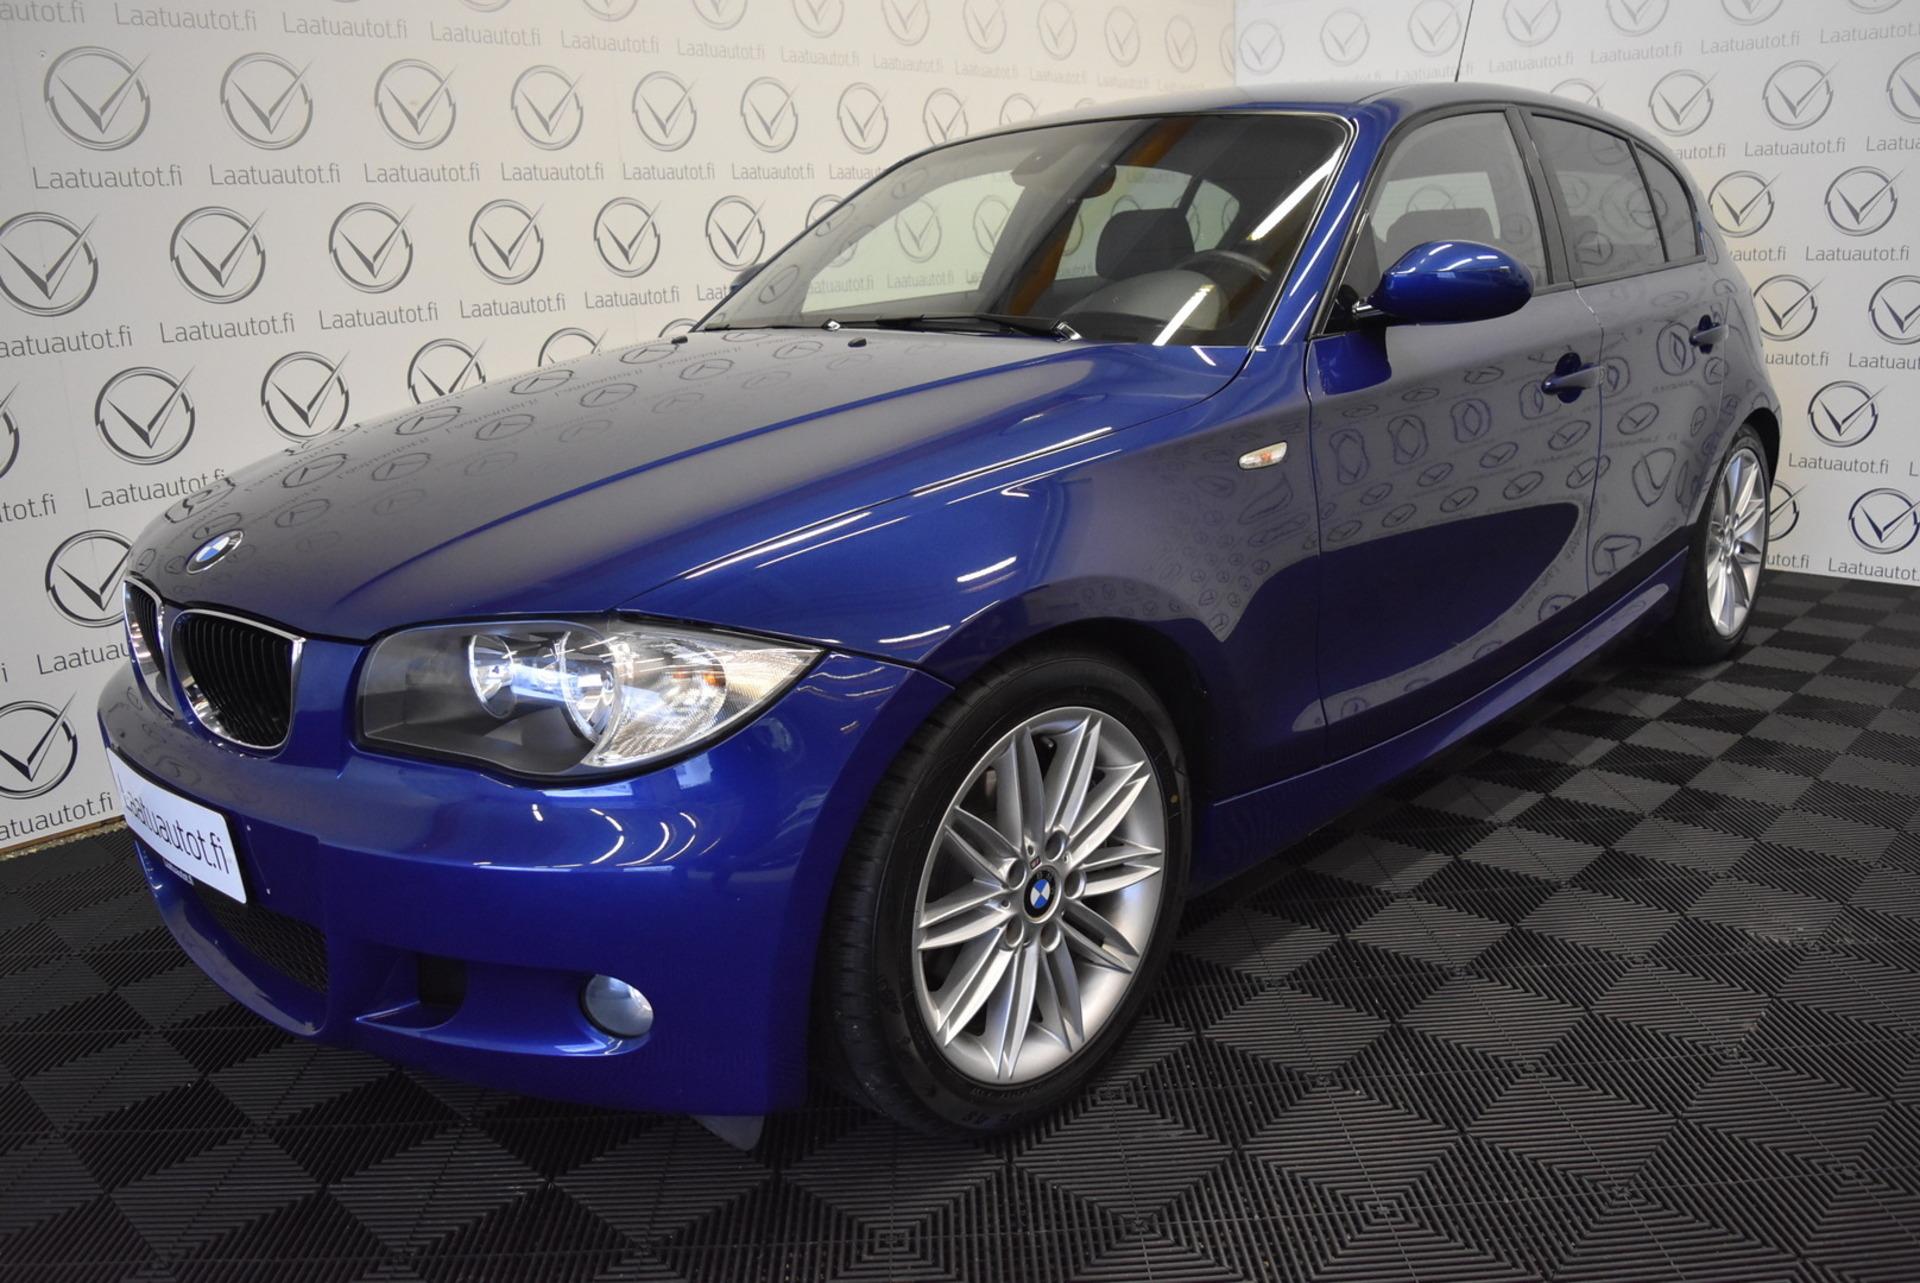 BMW 116 E87 Hatcback M-Sport - Rahoitus 1.89% jopa ilman käsirahaa! Sporttipenkit,  PDC,  Cruise,  AutoAc